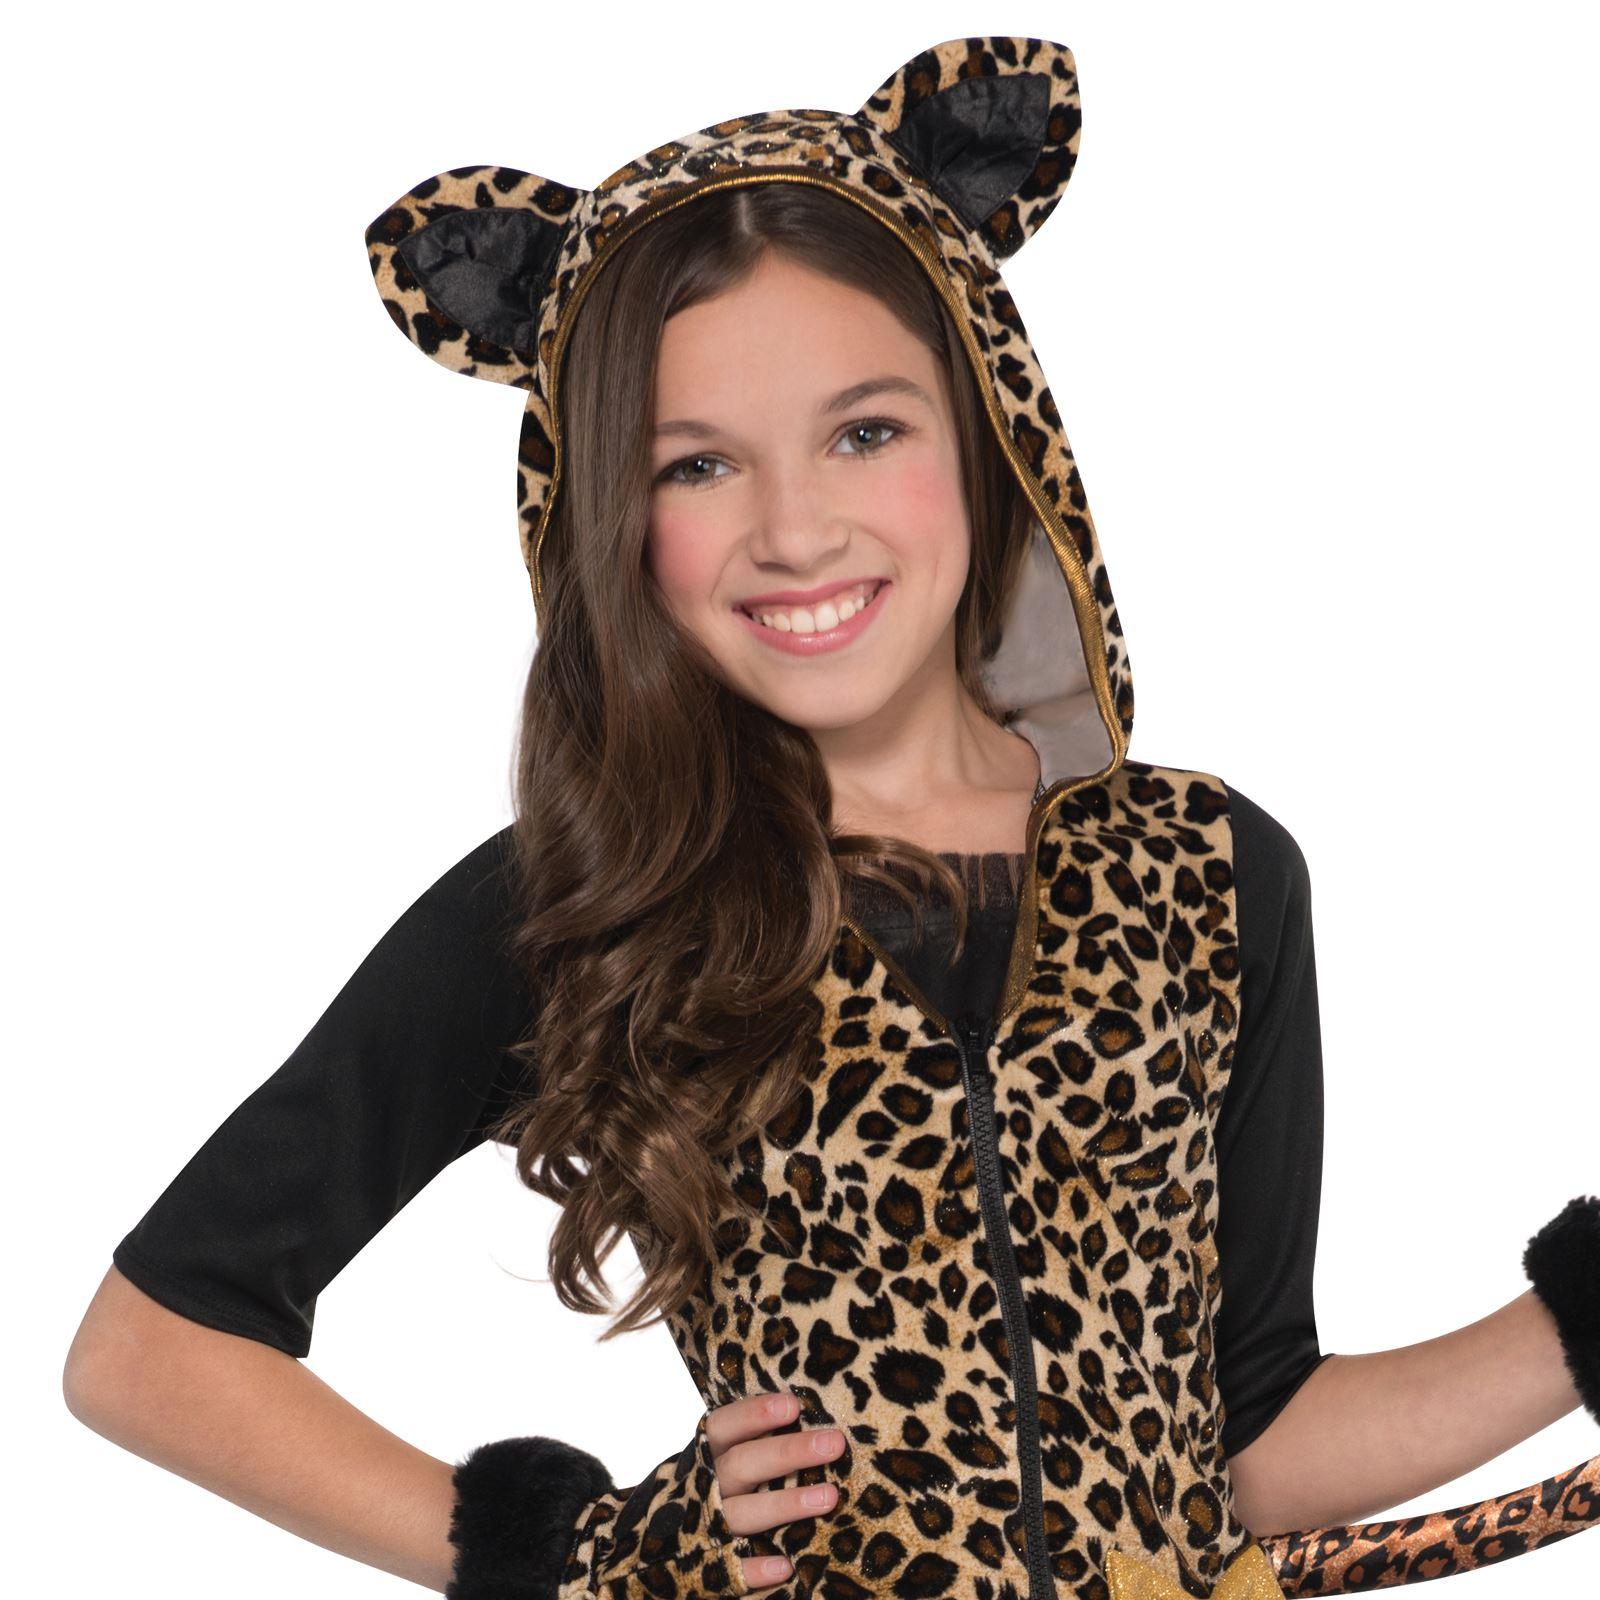 ecfd0eeda0f3 Kids Sassy Spots Leopard Jungle Big Cat Wild Fancy Dress Girls ...